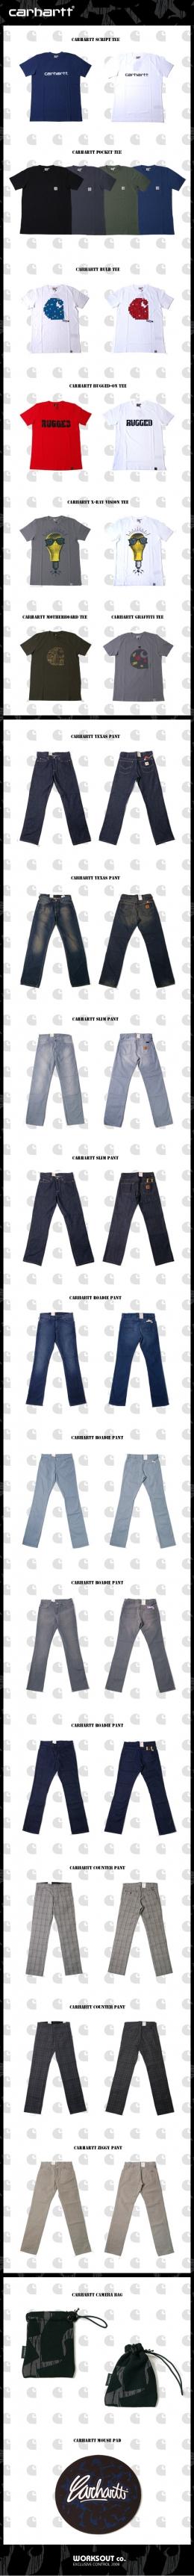 Carhartt 08 F/W 신상품 판매 안내